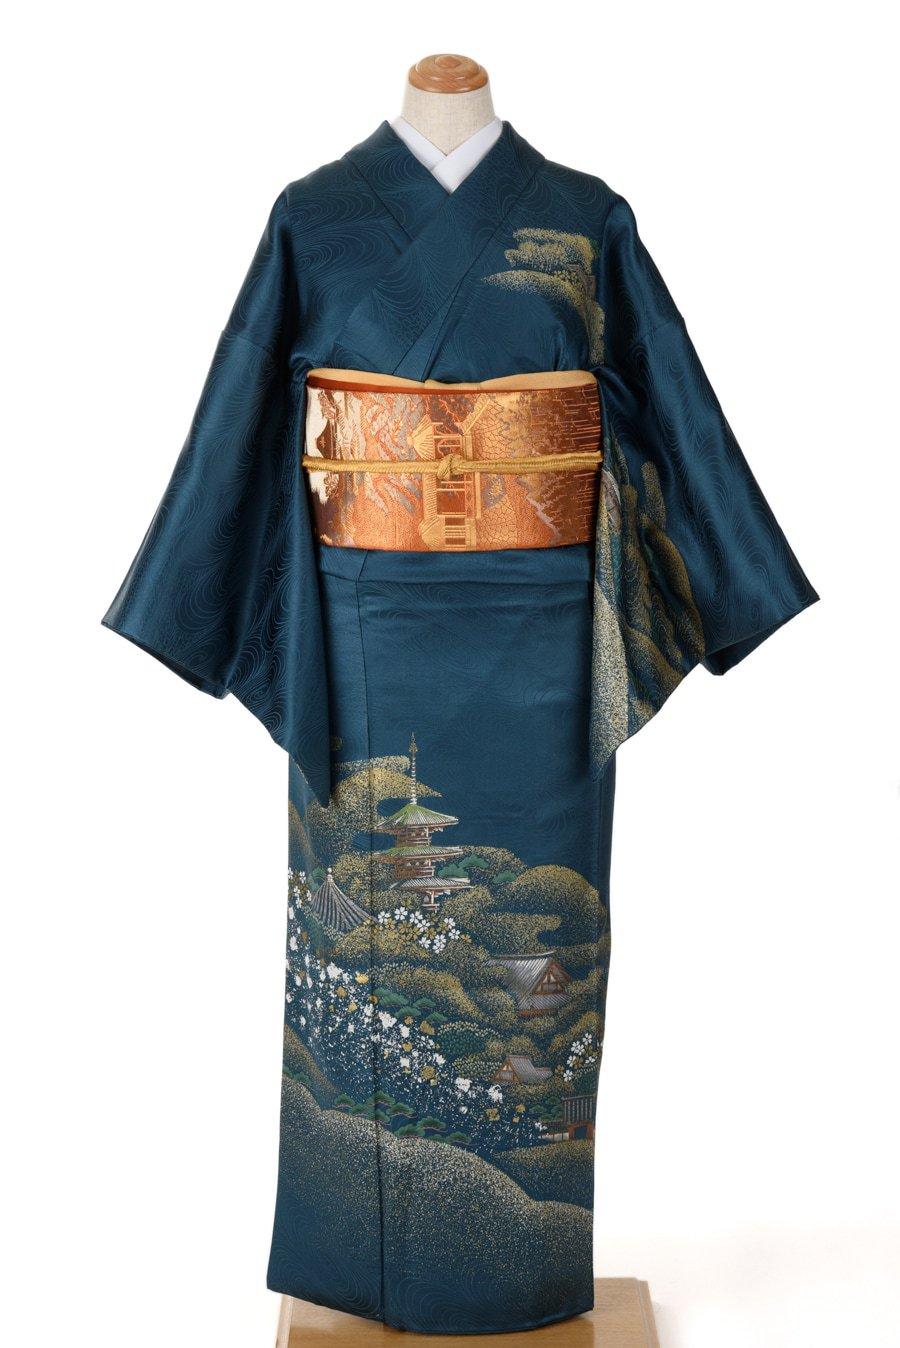 「訪問着 桜の中の塔」の商品画像